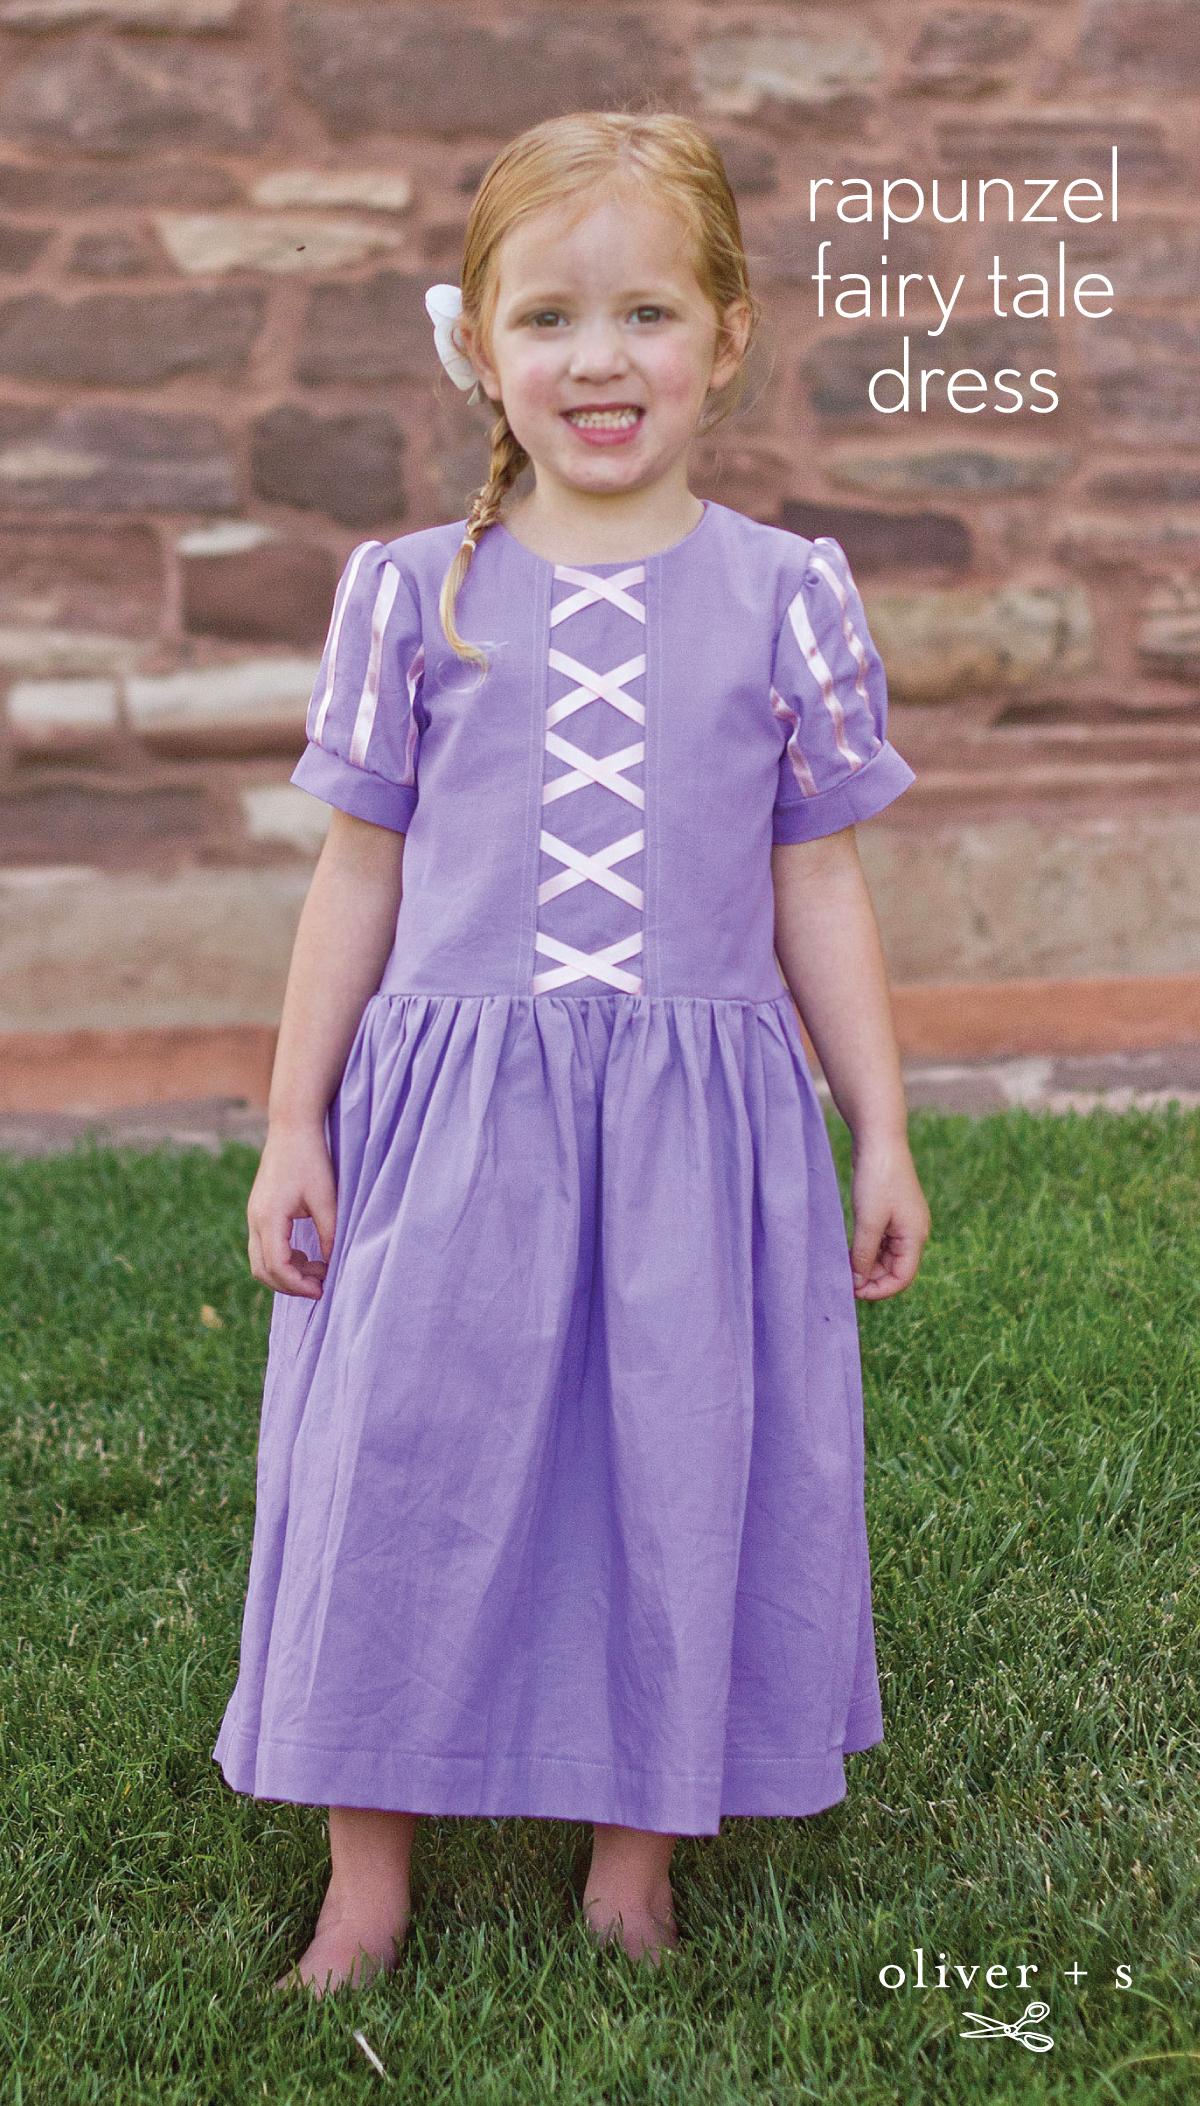 Rapunzel s dress colors